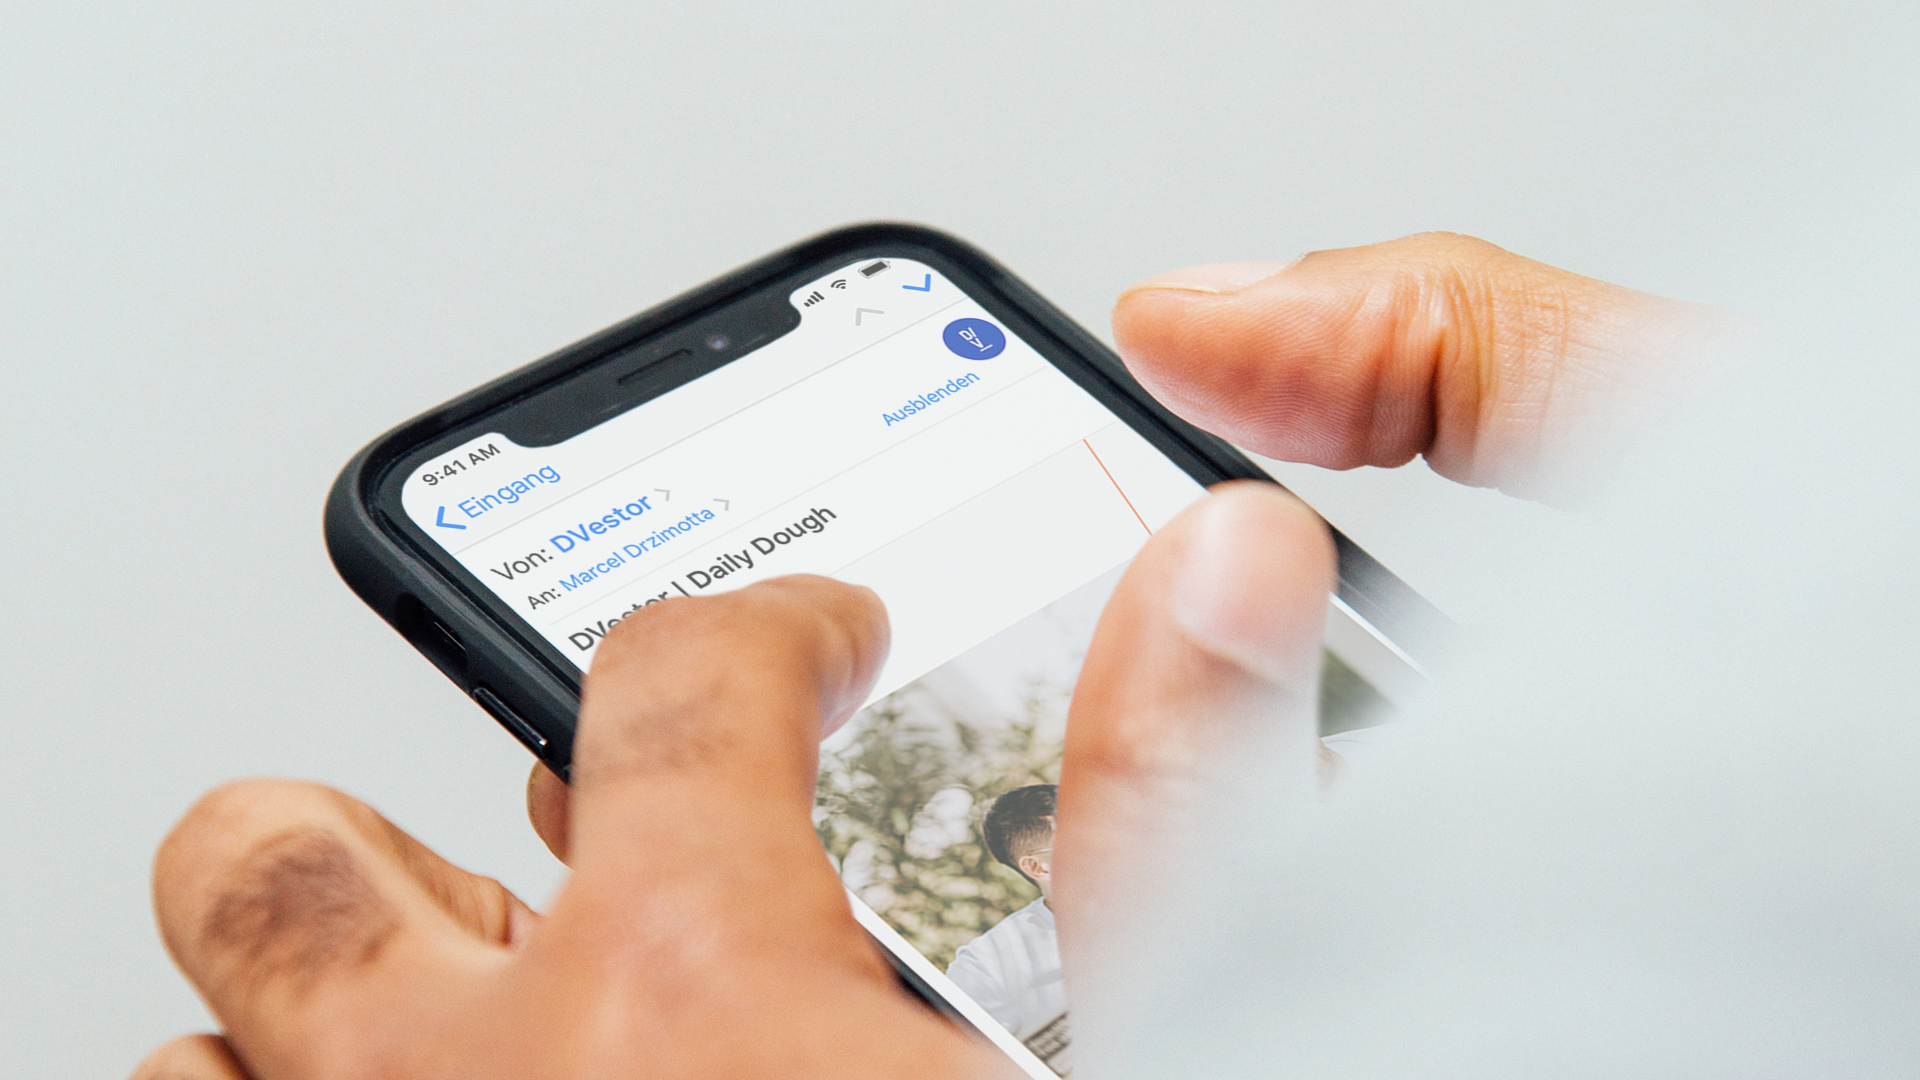 Mann hält iPhone und betrachtet DVestor Newsletter.